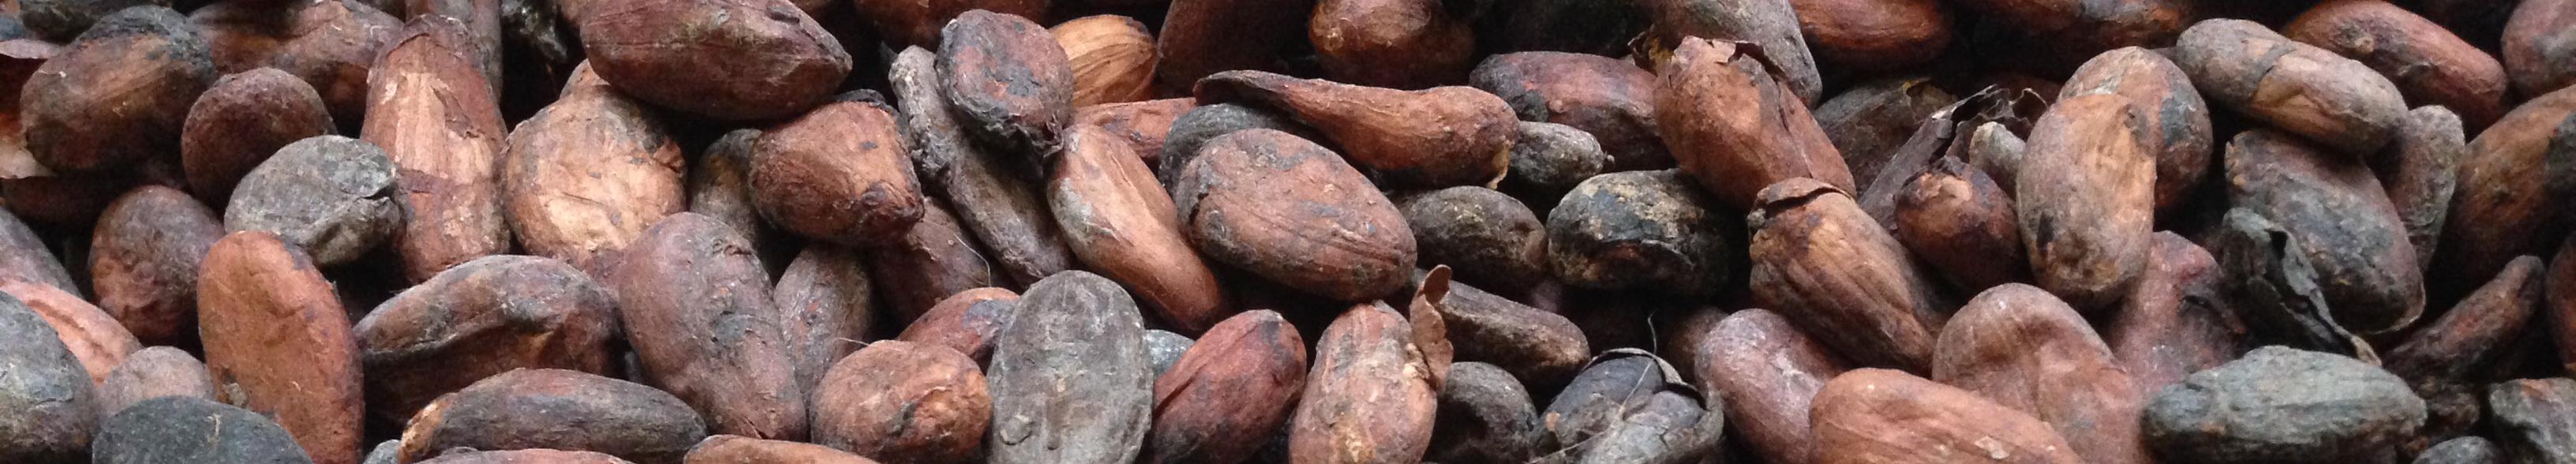 Cacao-bonen-slider